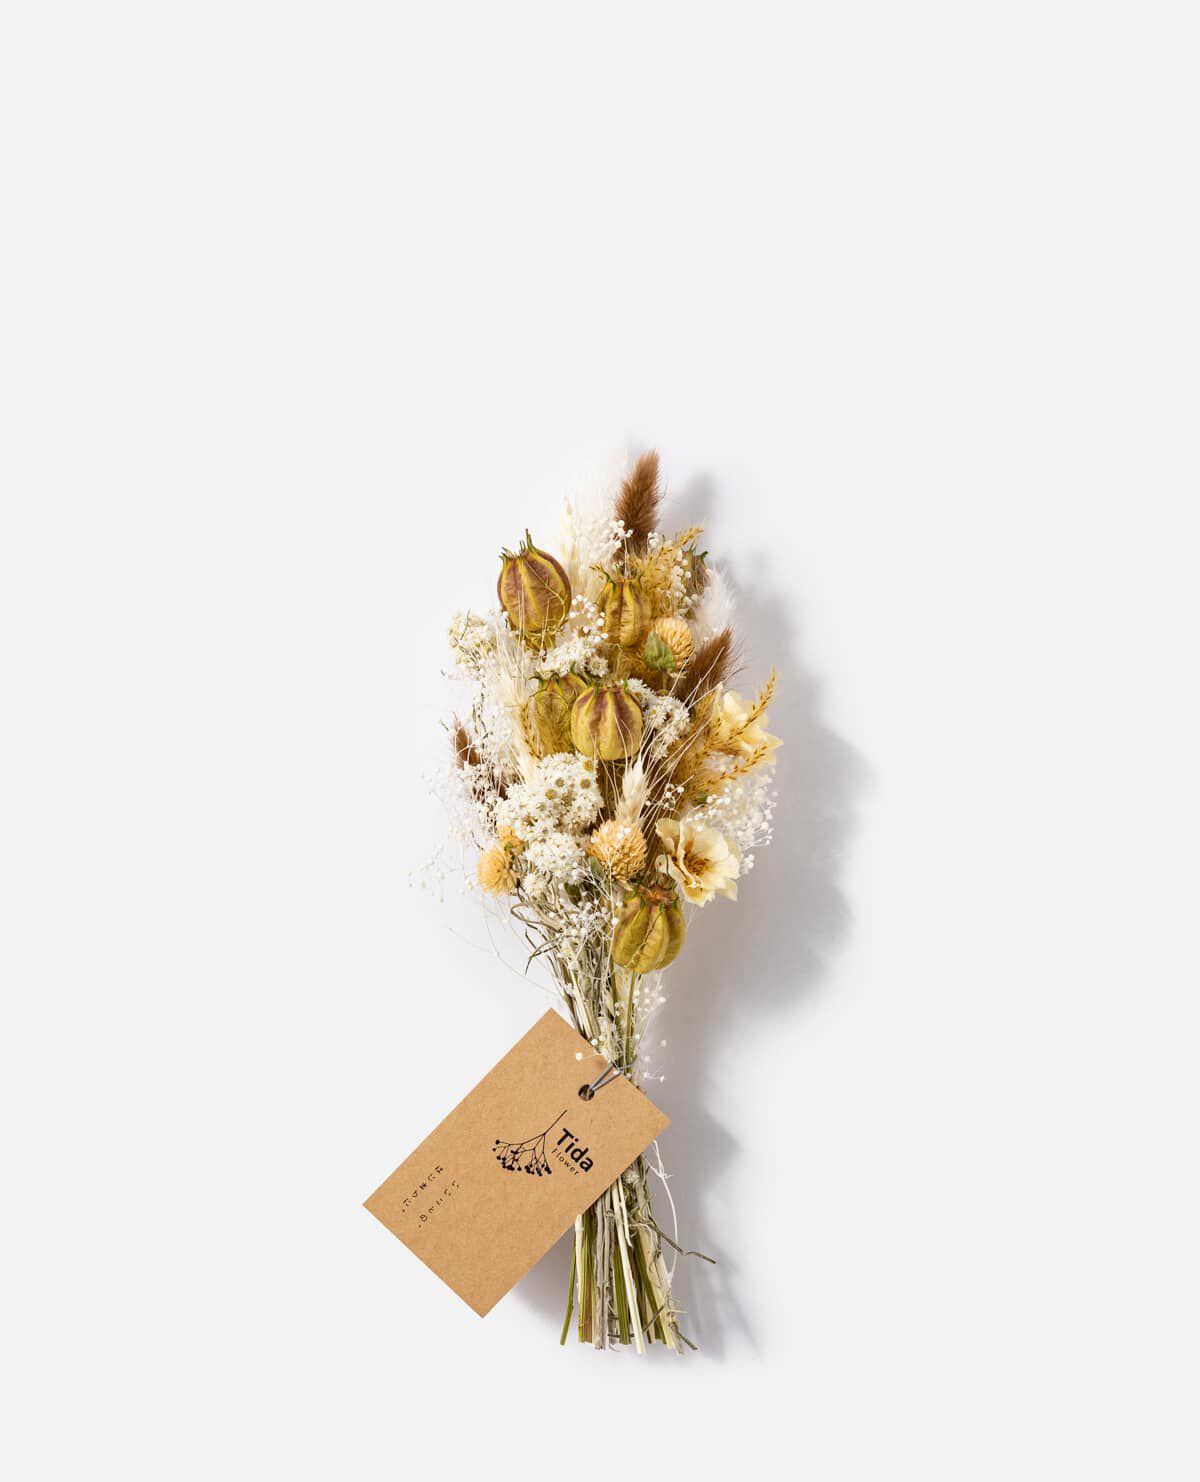 ベージュブラウンミニスワッグ花材おまかせ【5/7(金)~9(日)届け ※日付指定不可】